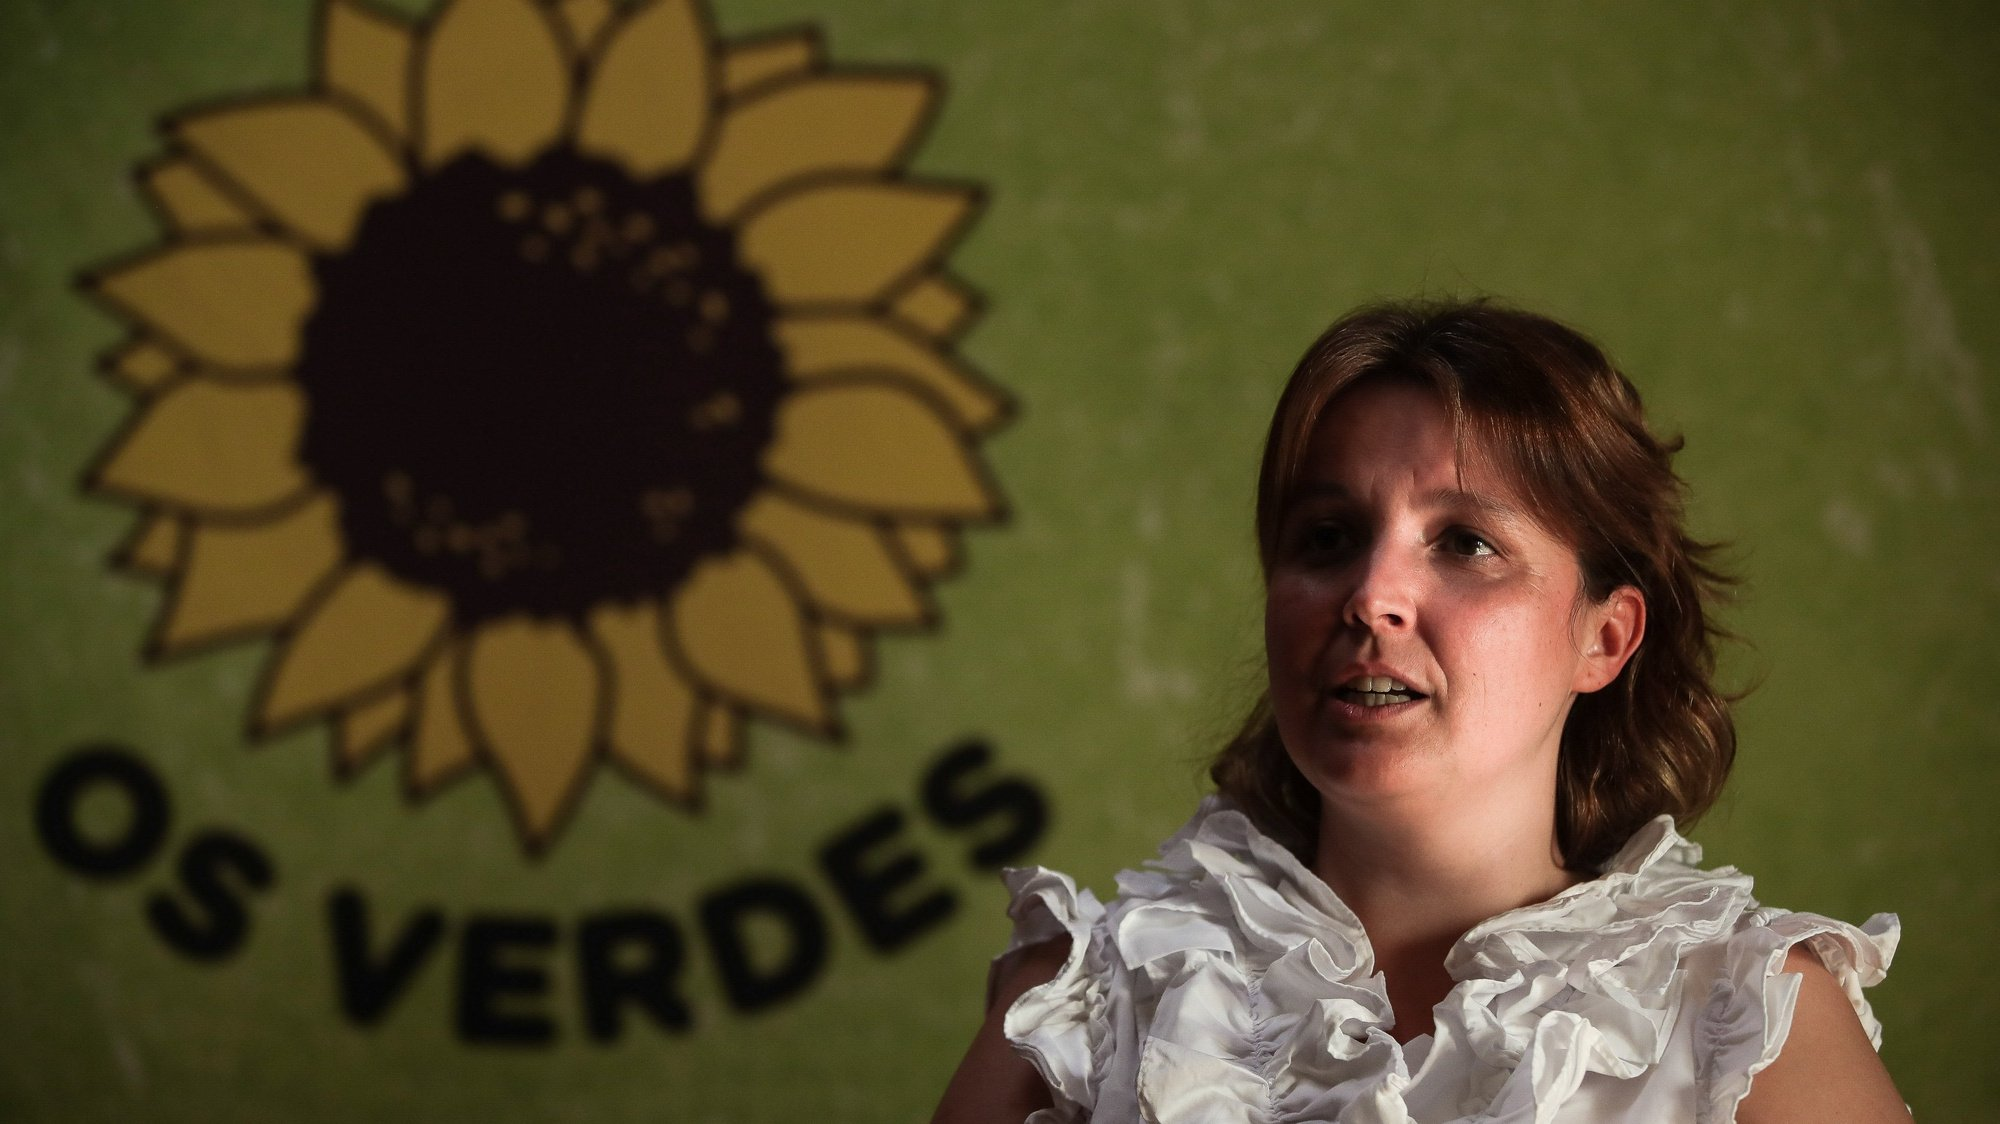 """A deputada do Partido Ecologista """"Os Verdes"""" (PEV), Mariana Silva, no final da reunião do conselho nacional para análise da situação eco política, onde se inclui o Orçamento do Estado Suplementar, e propostas a apresentar, e delinear a ação e intervenção ecologista, em Lisboa, 20 de junho de 2020. MÁRIO CRUZ/LUSA"""